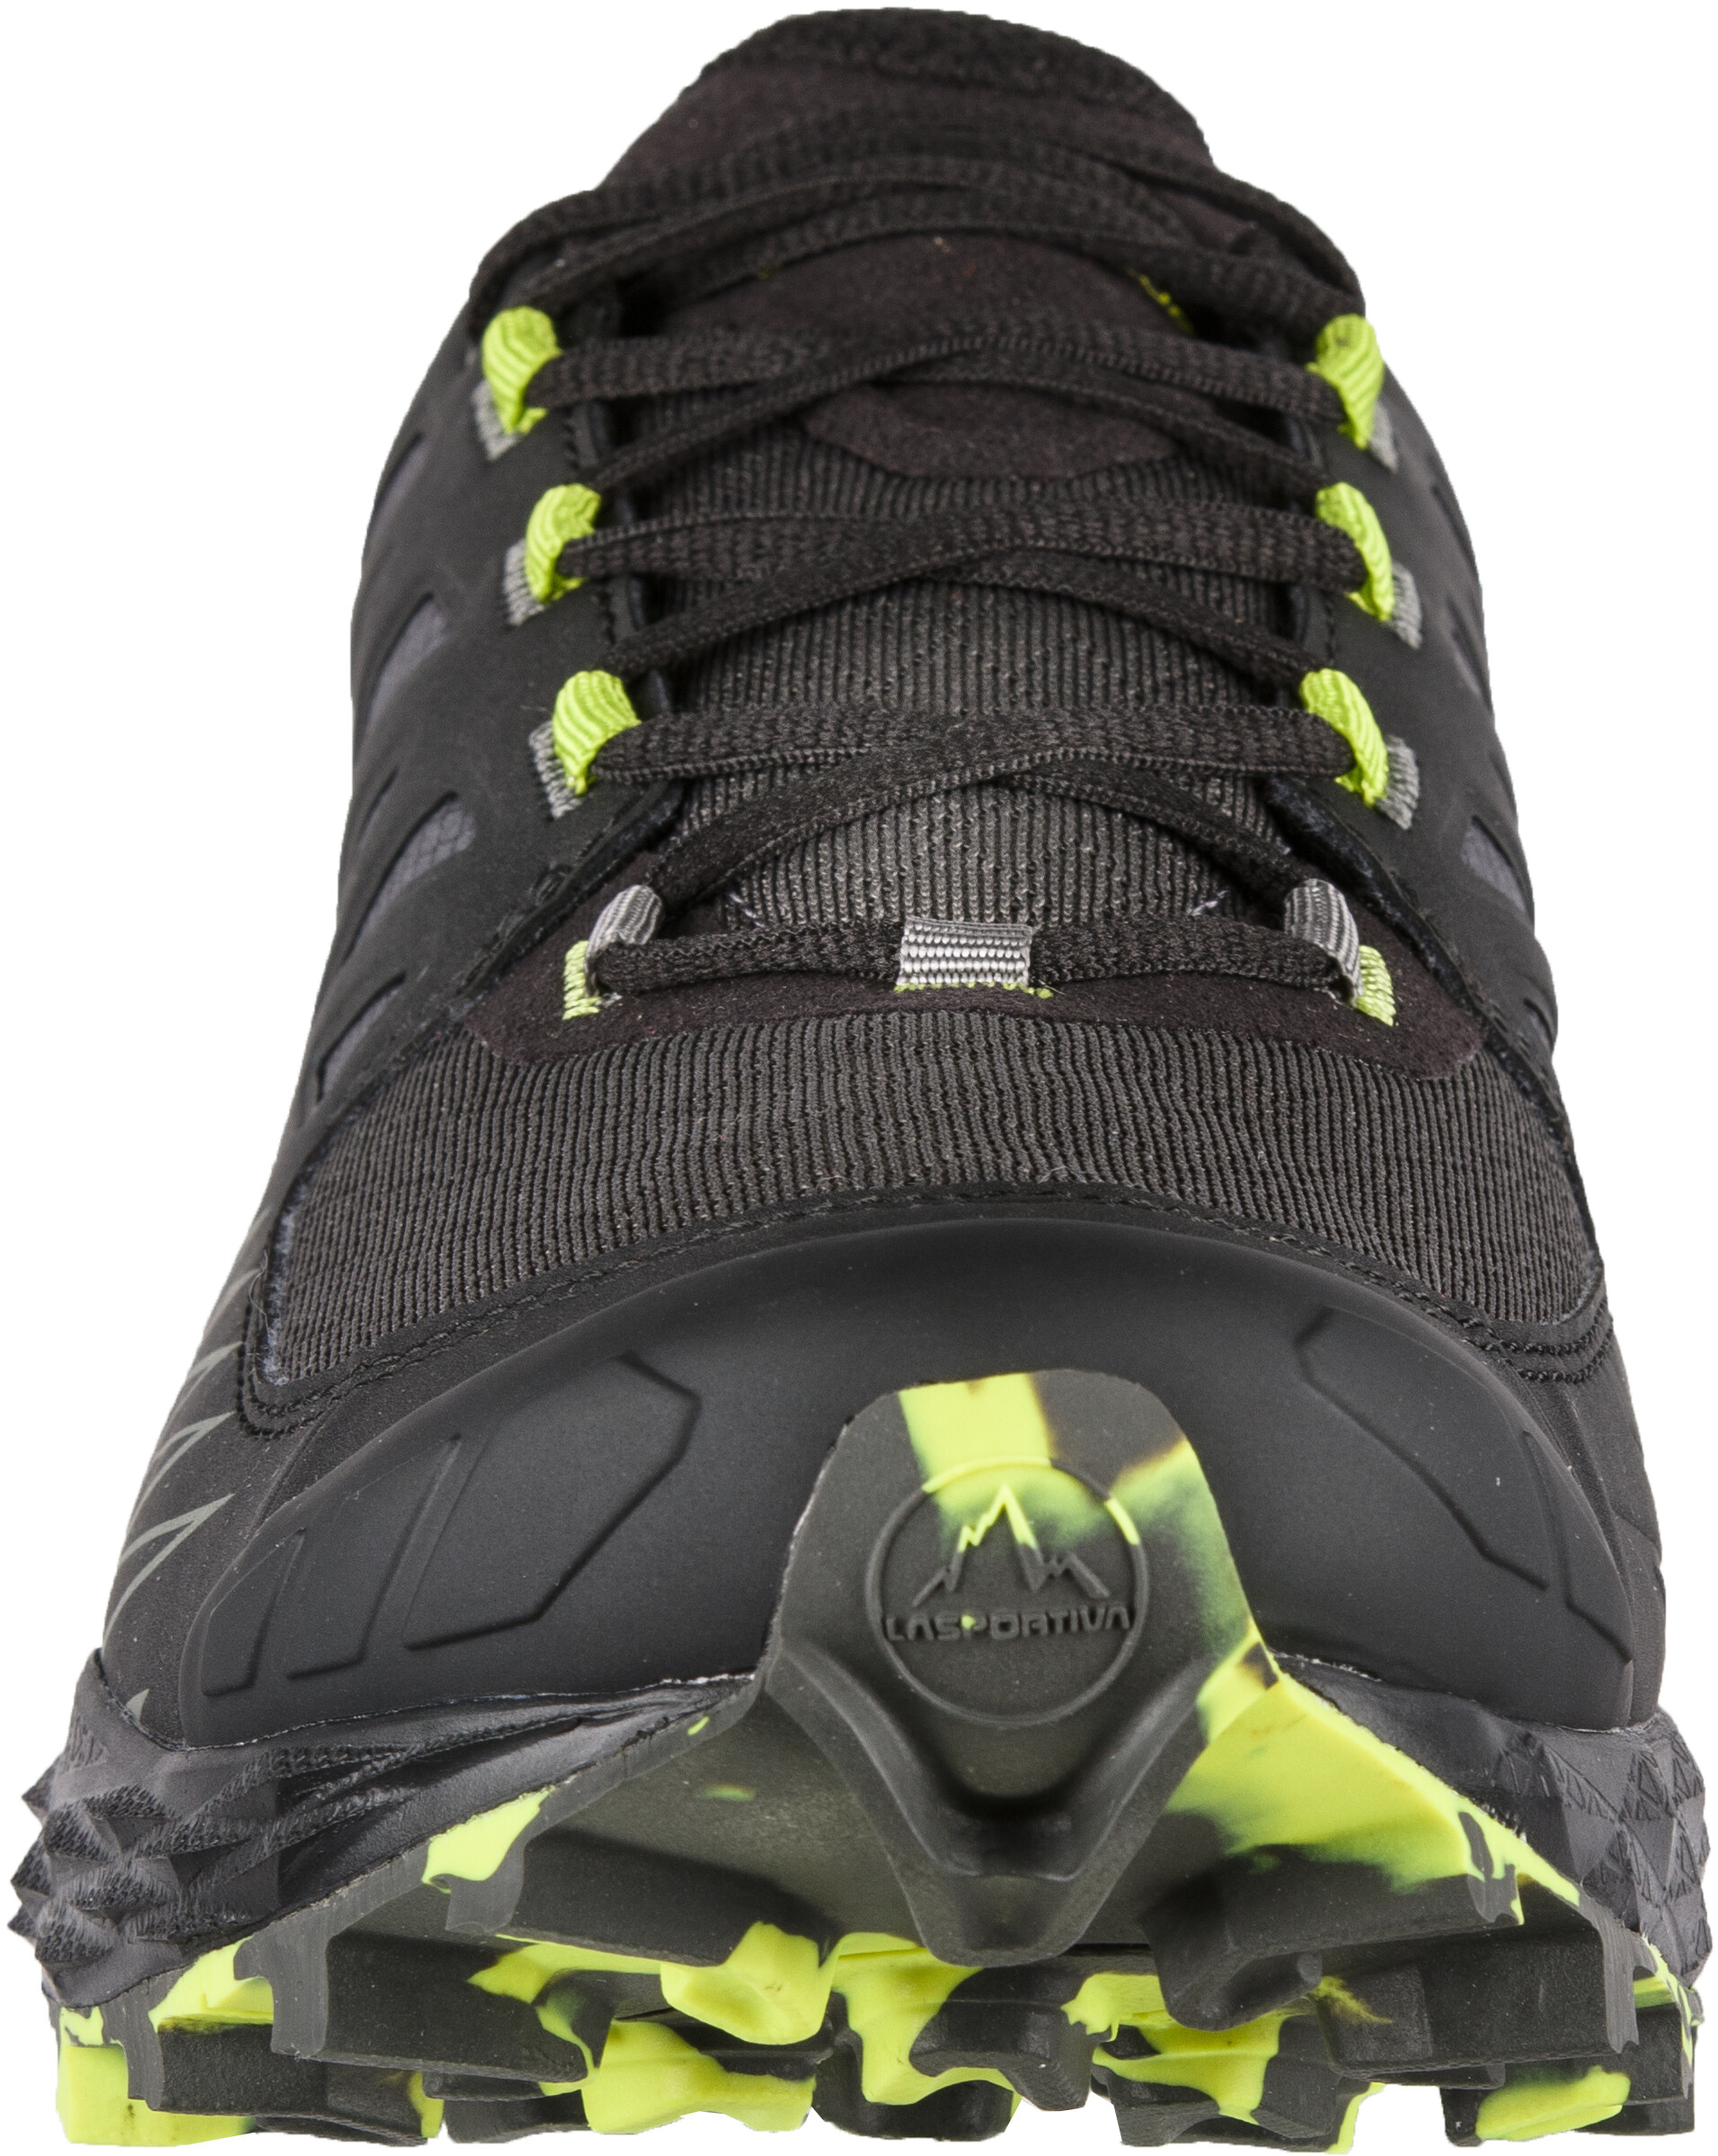 finest selection 97488 78291 La Sportiva Lycan GTX scarpe da corsa Uomo grigioverde